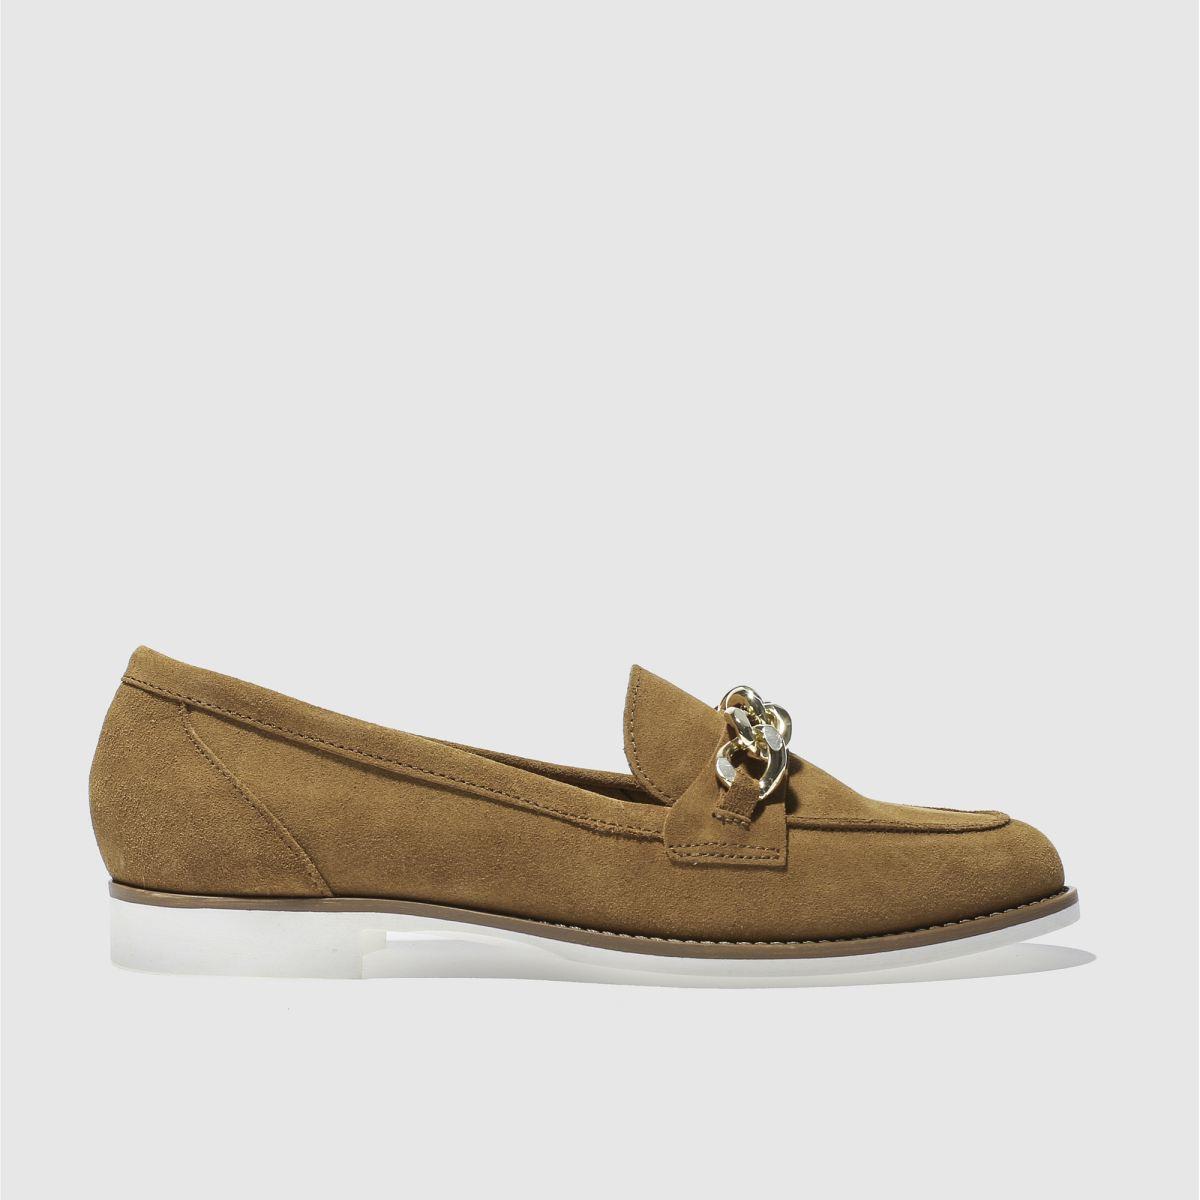 Schuh Tan Radius Flat Shoes